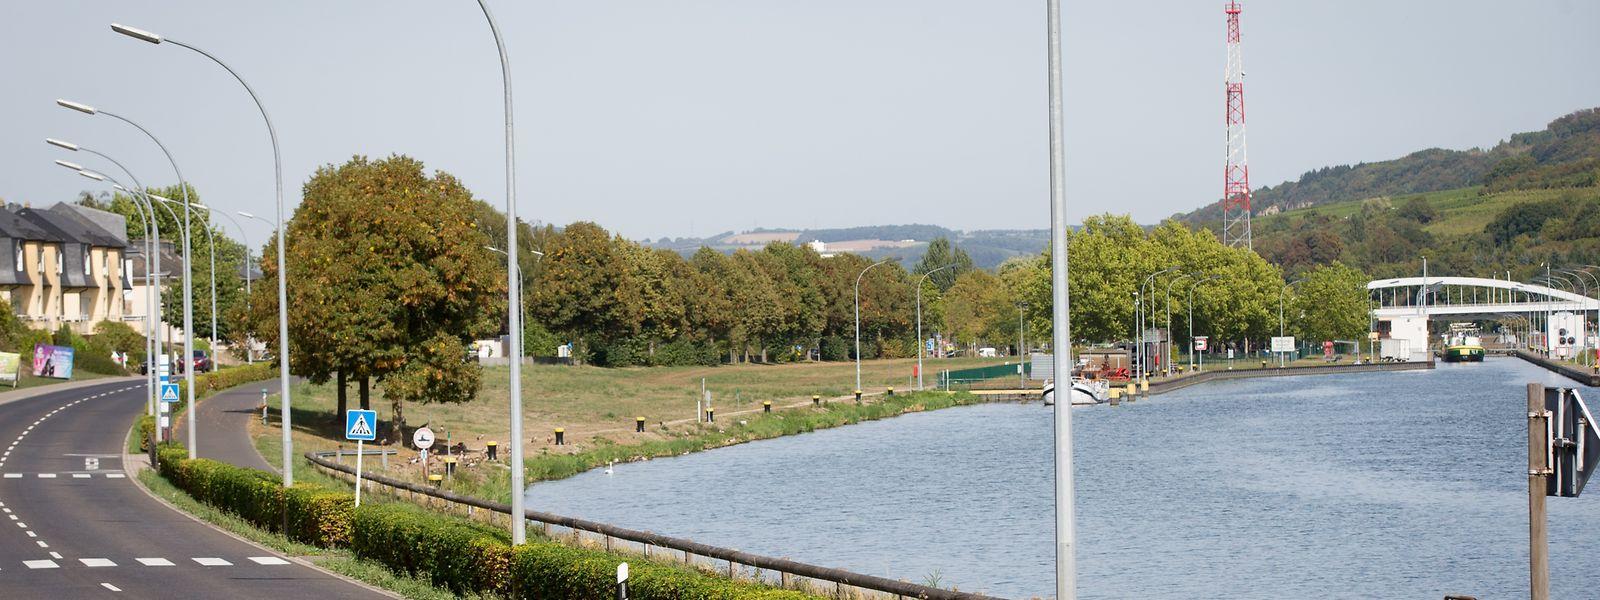 Parkplätze, ein Hubschrauberlandeplatz und ein 100 Ar großer Solarpark entstehen von Oktober an auf der Schleusenwiese, direkt am Moselufer.